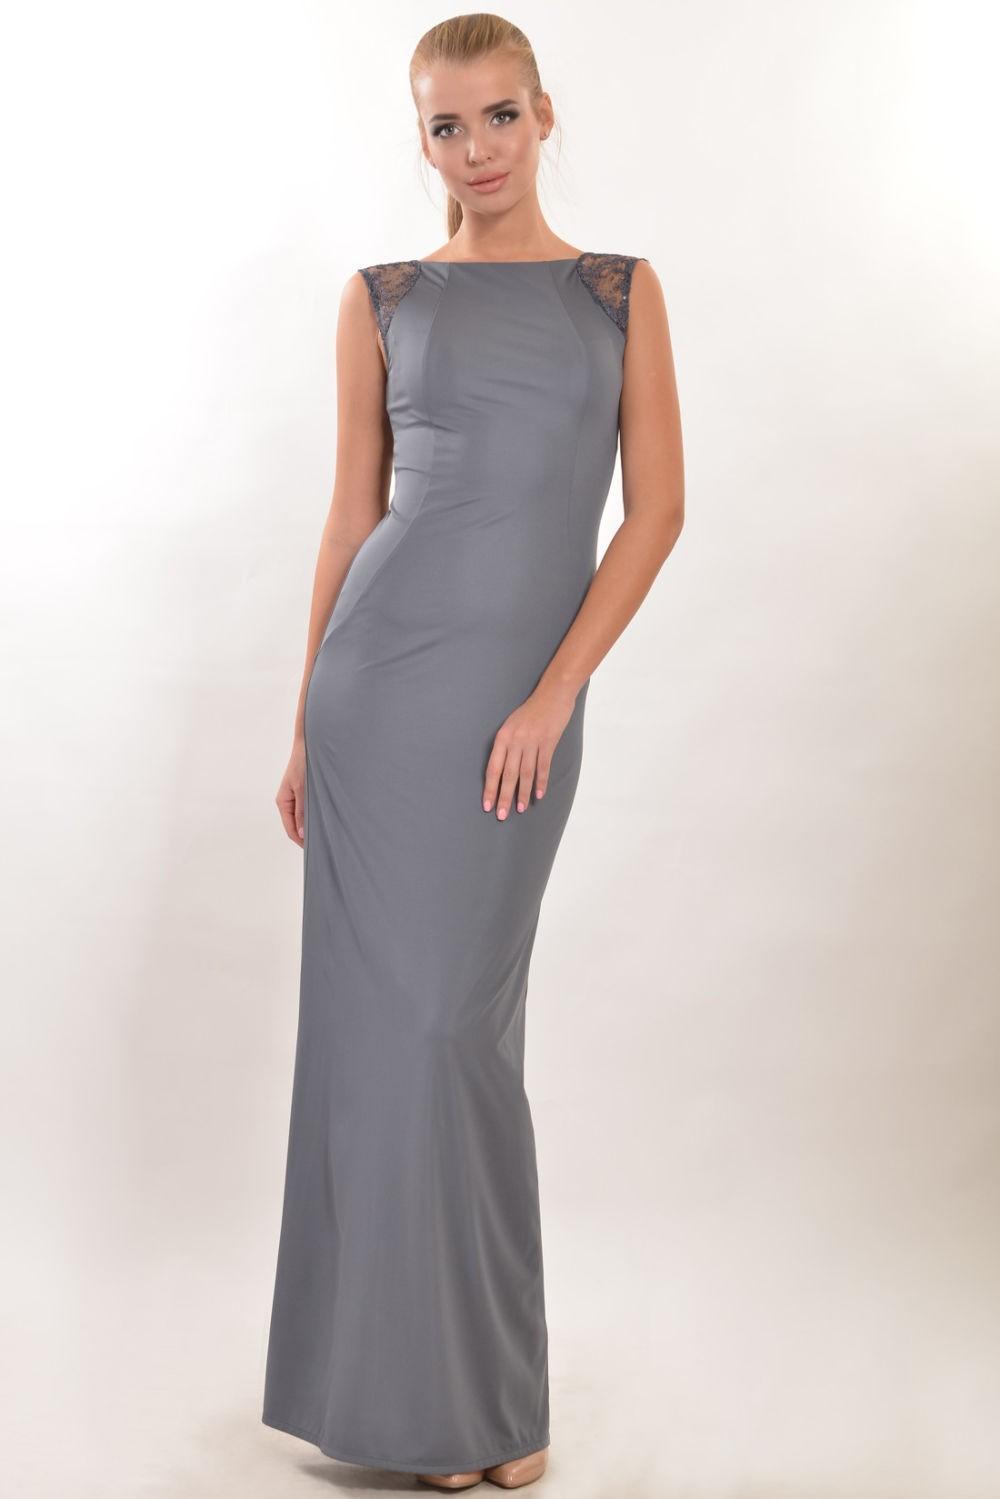 строгое платье в пол серое без рукава